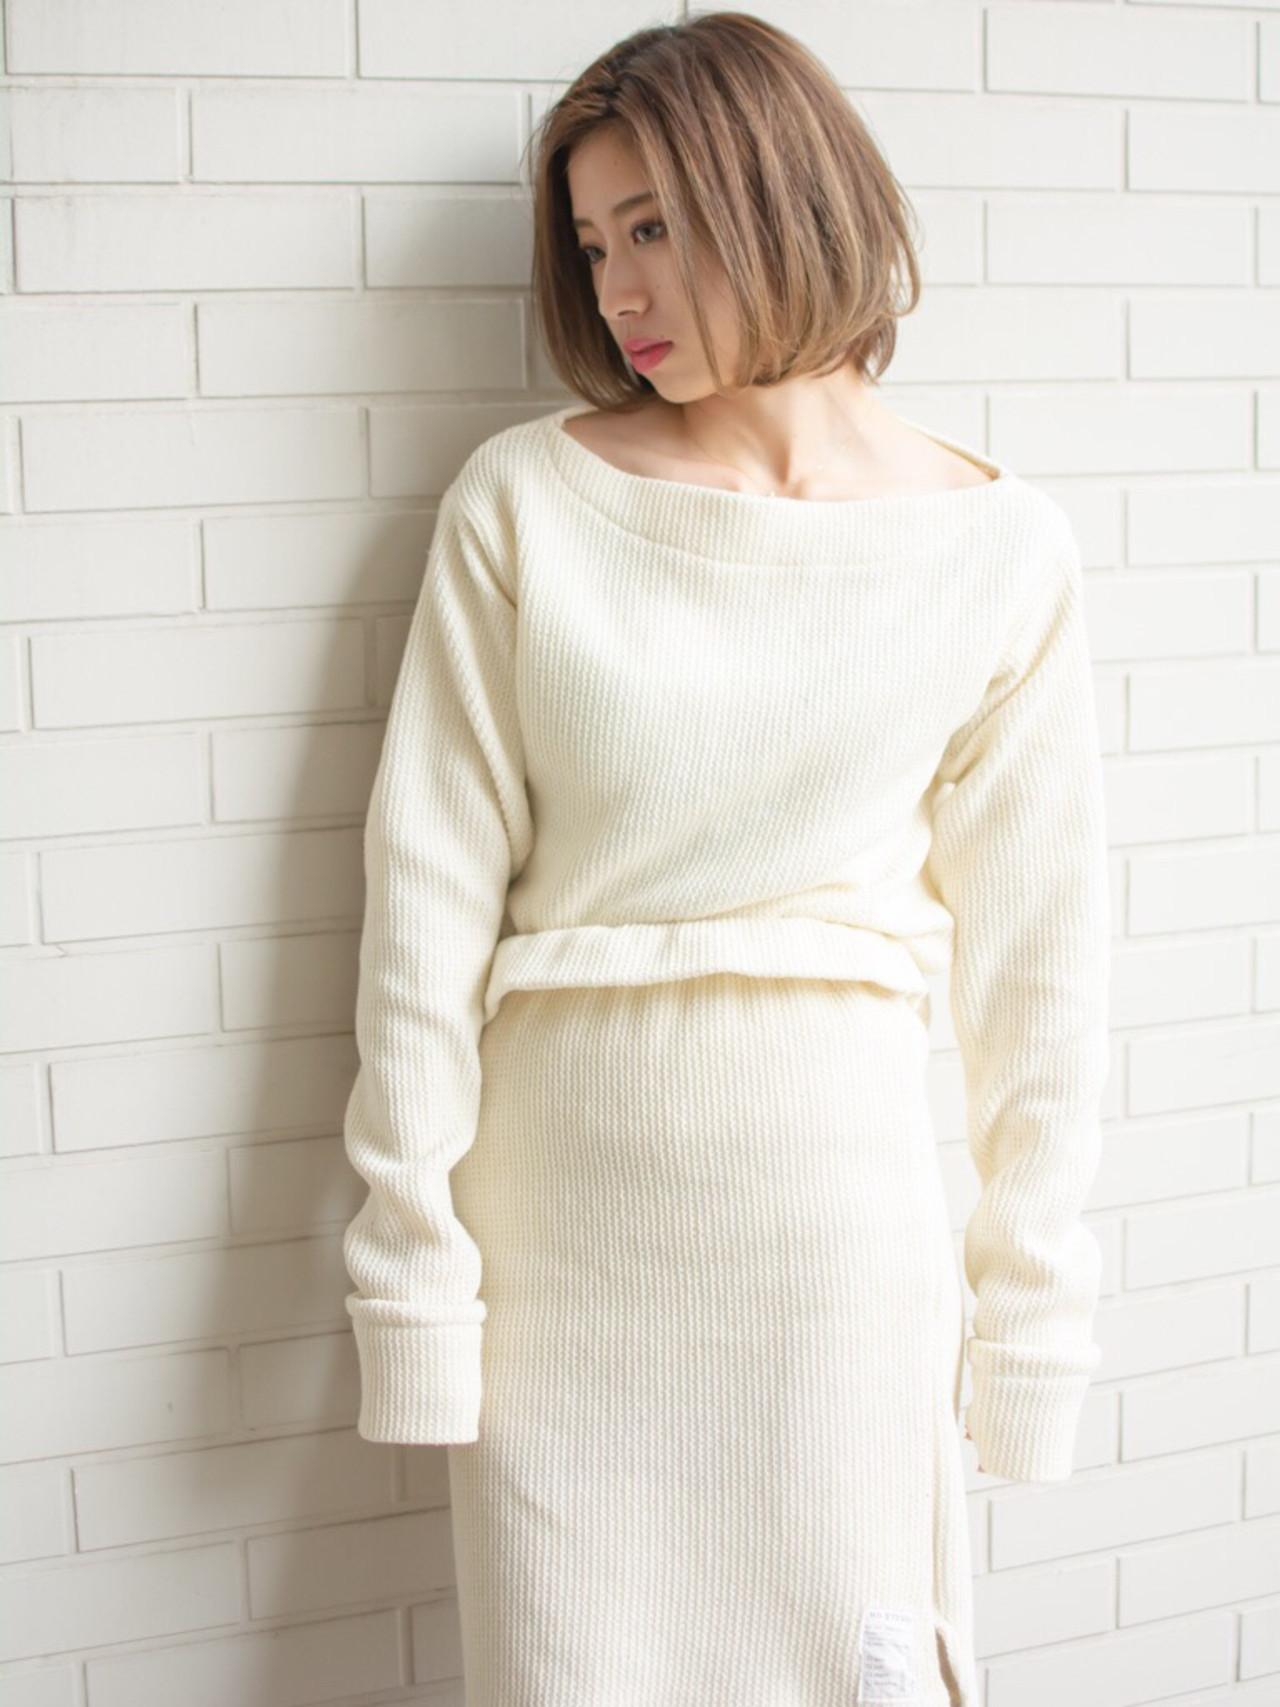 札幌 大通 noine スタイリスト斉藤です。 冬向けの、切りっぱなしボブスタイル撮影ー!!  自然とでる「束感」  話題のHUEカラーで、カラーしました。  N. ナチュラルバーム仕上げ   今回も「ピアス」「ニットの服」作りました。 「ピアス」サロンで販売しています。  ホットペッパークーポンあります☺︎  #女っぽ#ピアス#オークル#カラー #オフィス #ナチュラル #ミディアム #女子会#大人かわいい #セミロング #ブラウン #うざバング #コンテスト #丸顔#ショート#HUEカラー#ヒューグロス#ミディアム#ニット#ボブ#ボア